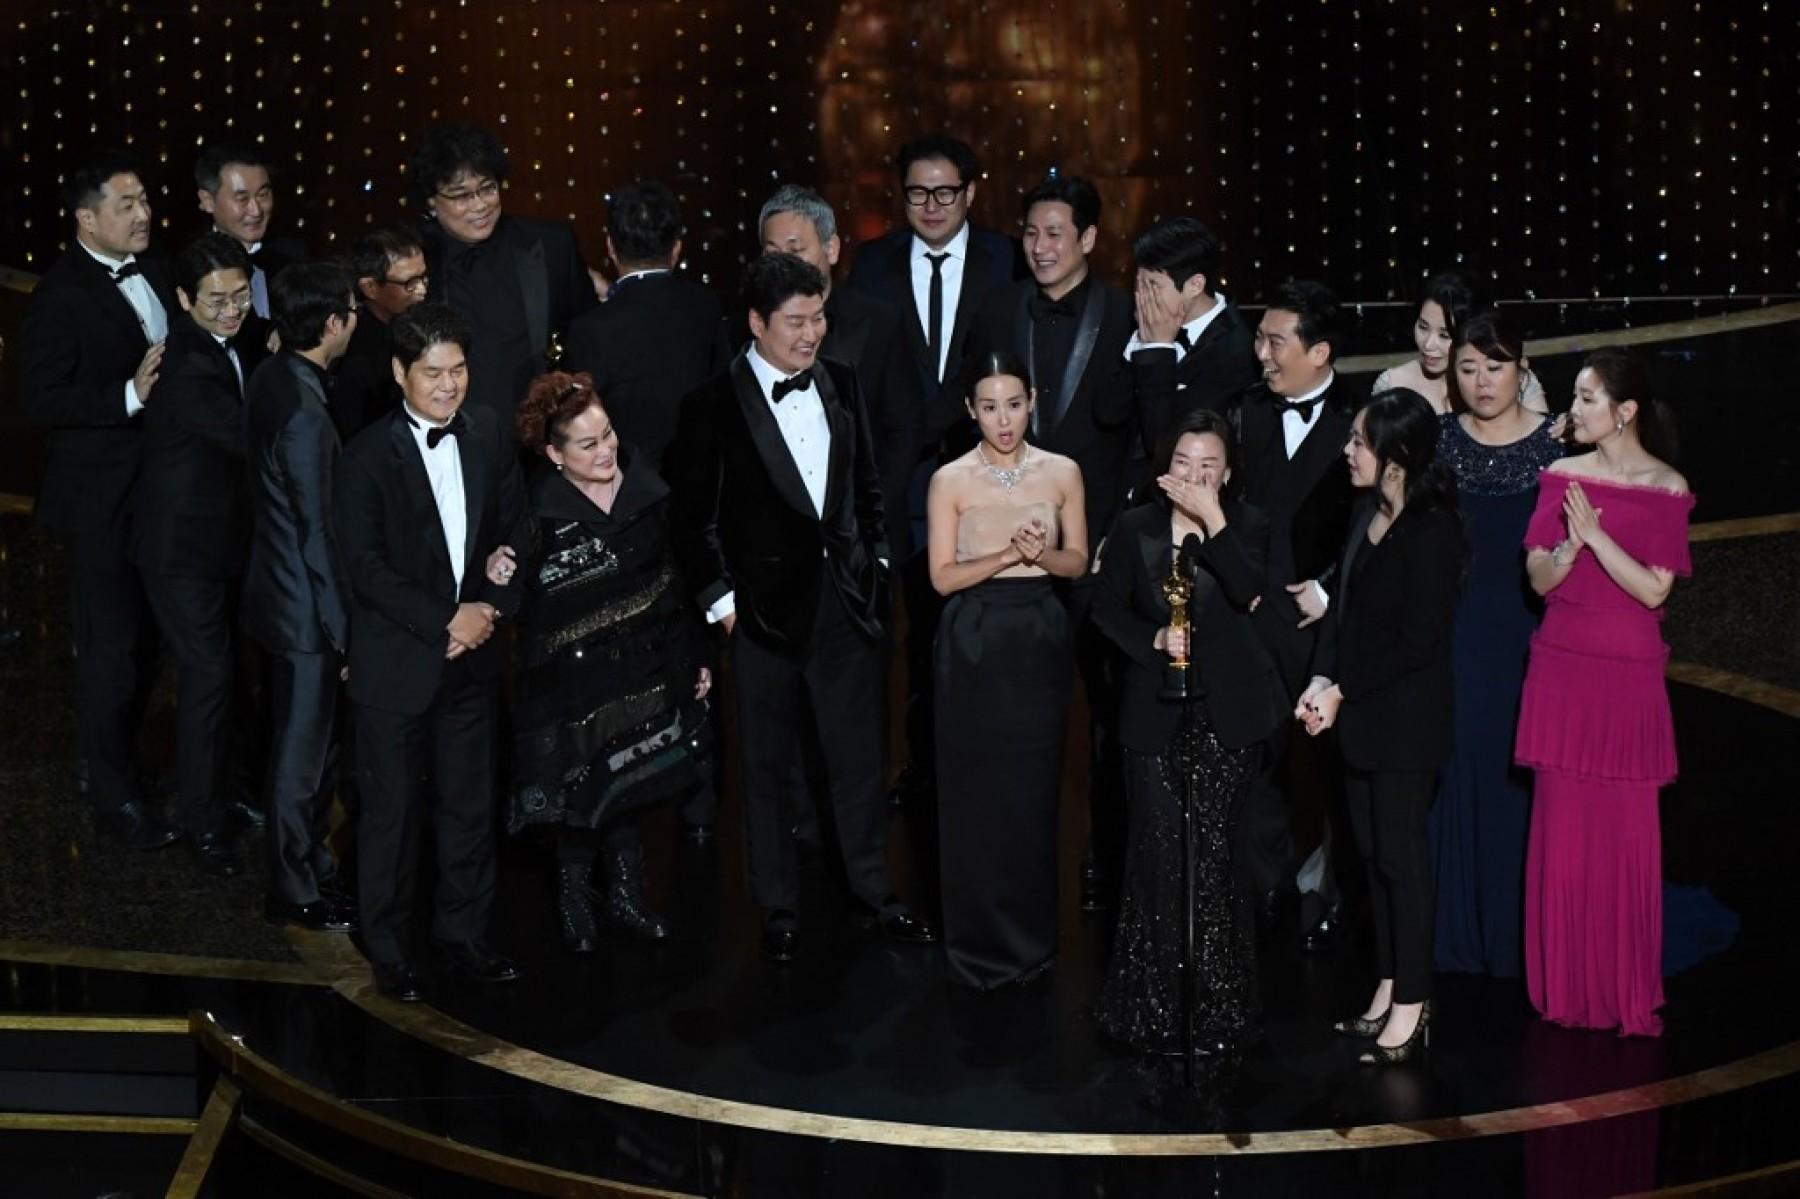 Premios Oscar 2020: todo lo que dejó la gala 92° - Radio Cantilo